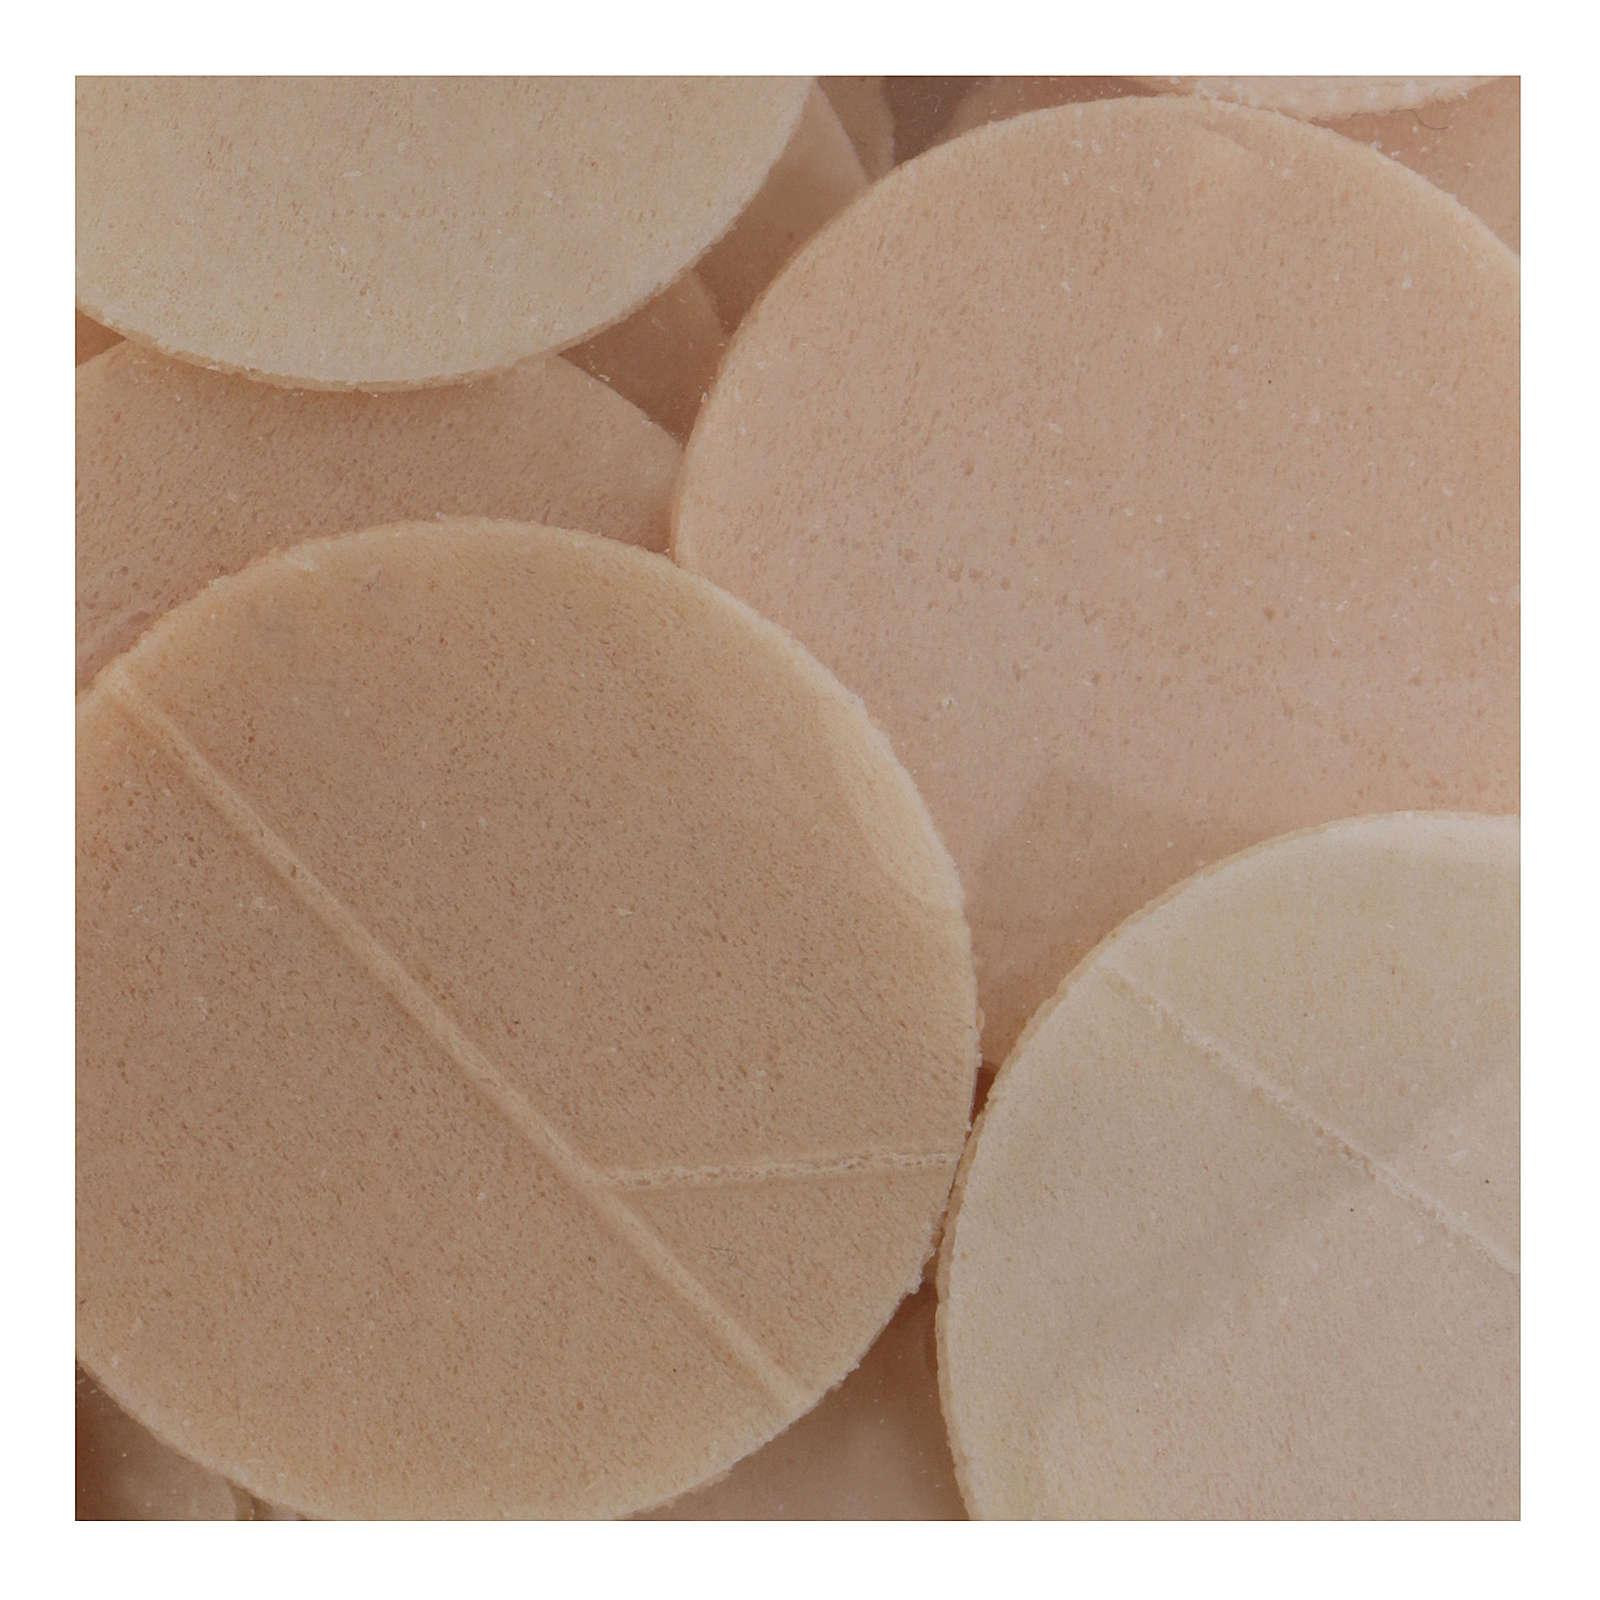 Brothostien 300 Stück mit einem Durchmesser von 3,5 cm 3